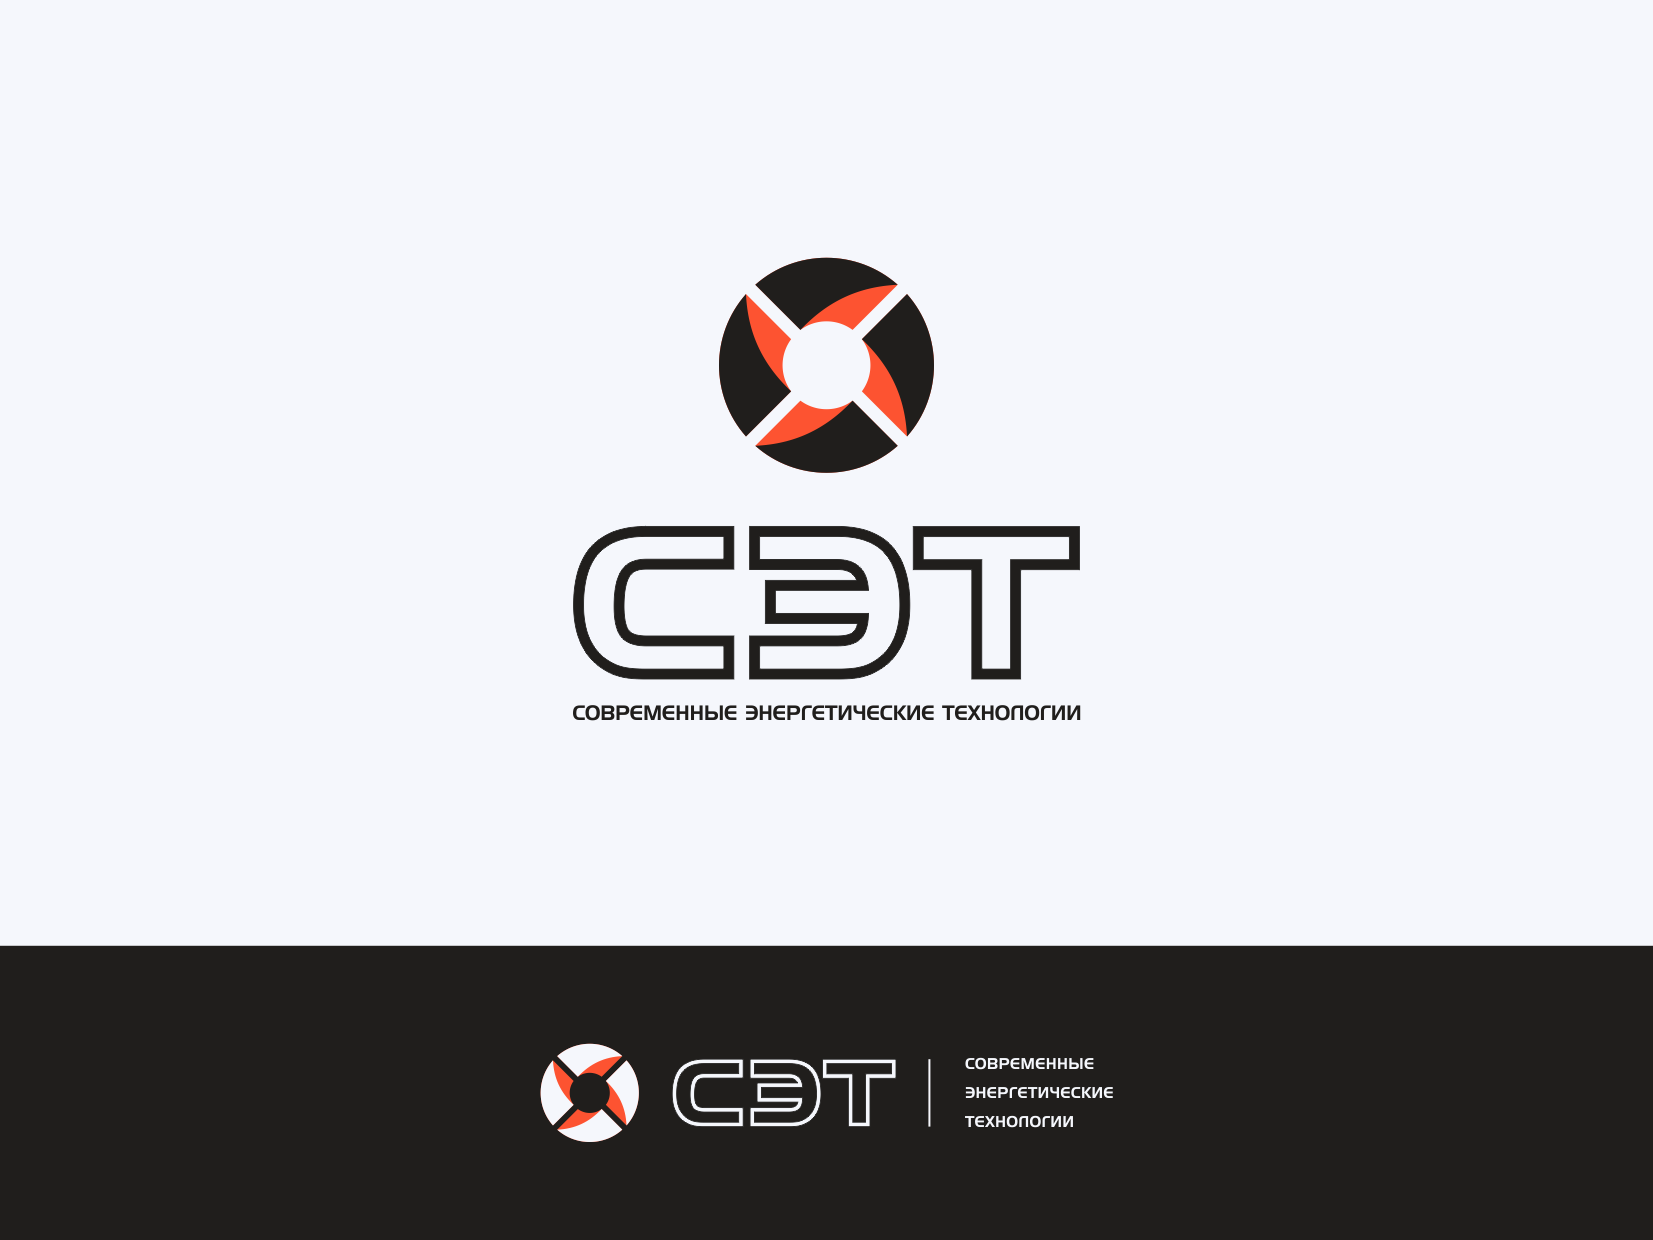 Срочно! Дизайн логотипа ООО «СЭТ» фото f_1255d4c227fcd7d1.png